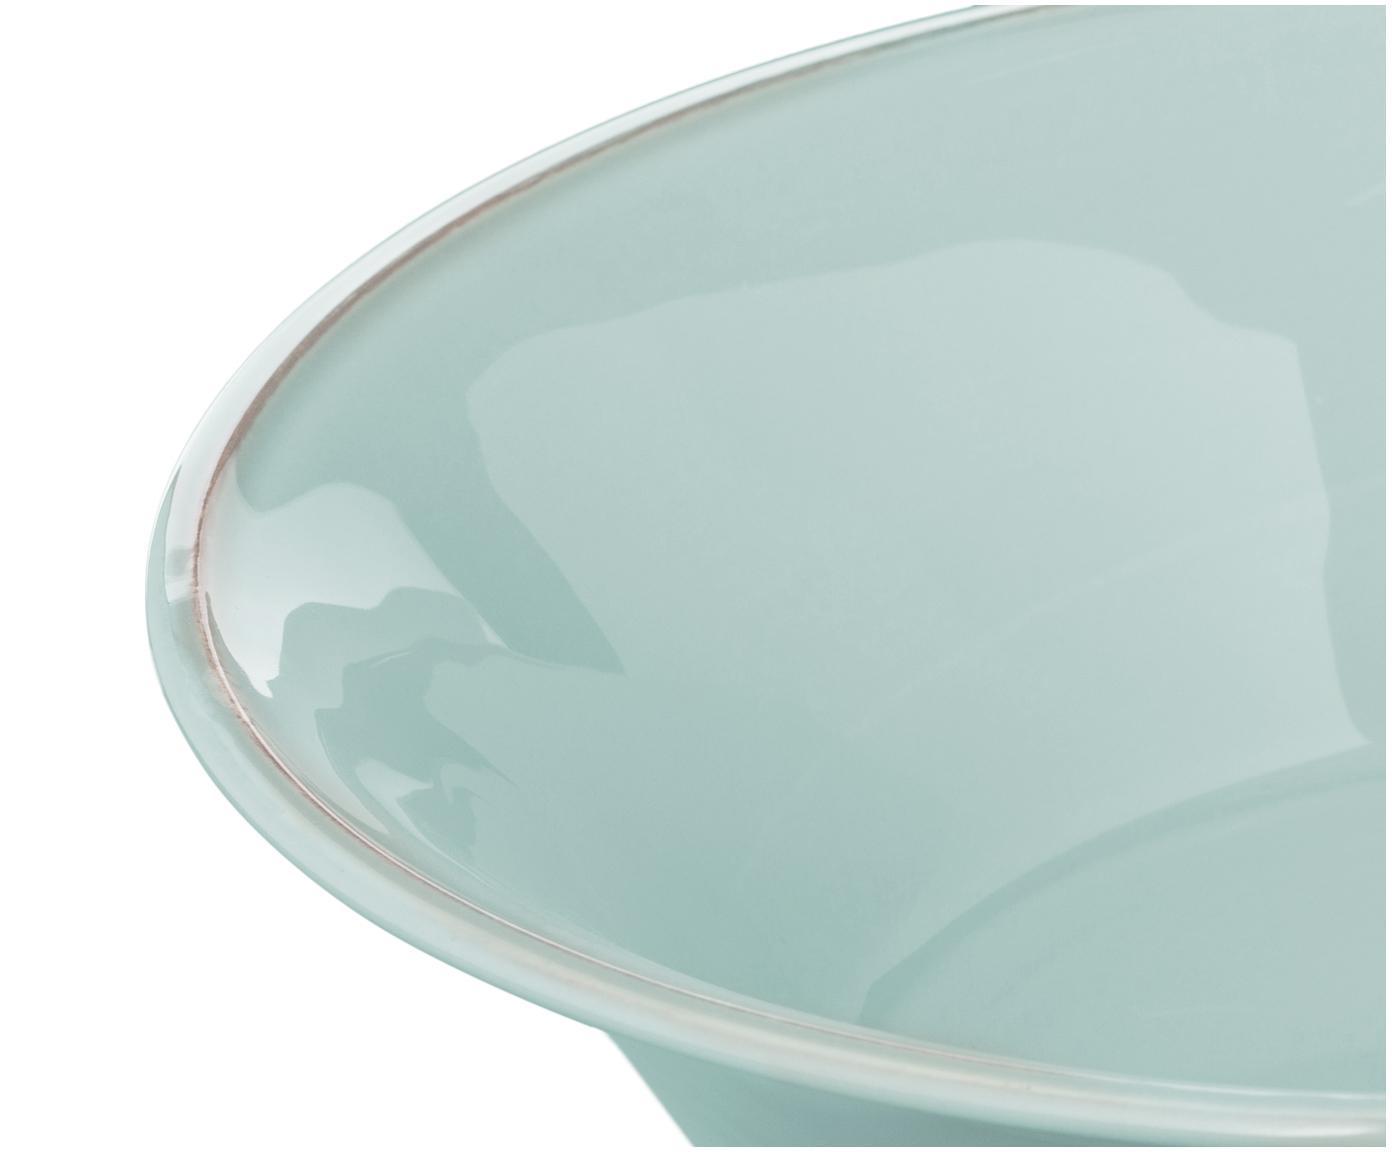 Salatschüssel Constance in Mint, Steingut, Mint, Ø 30 x H 9 cm